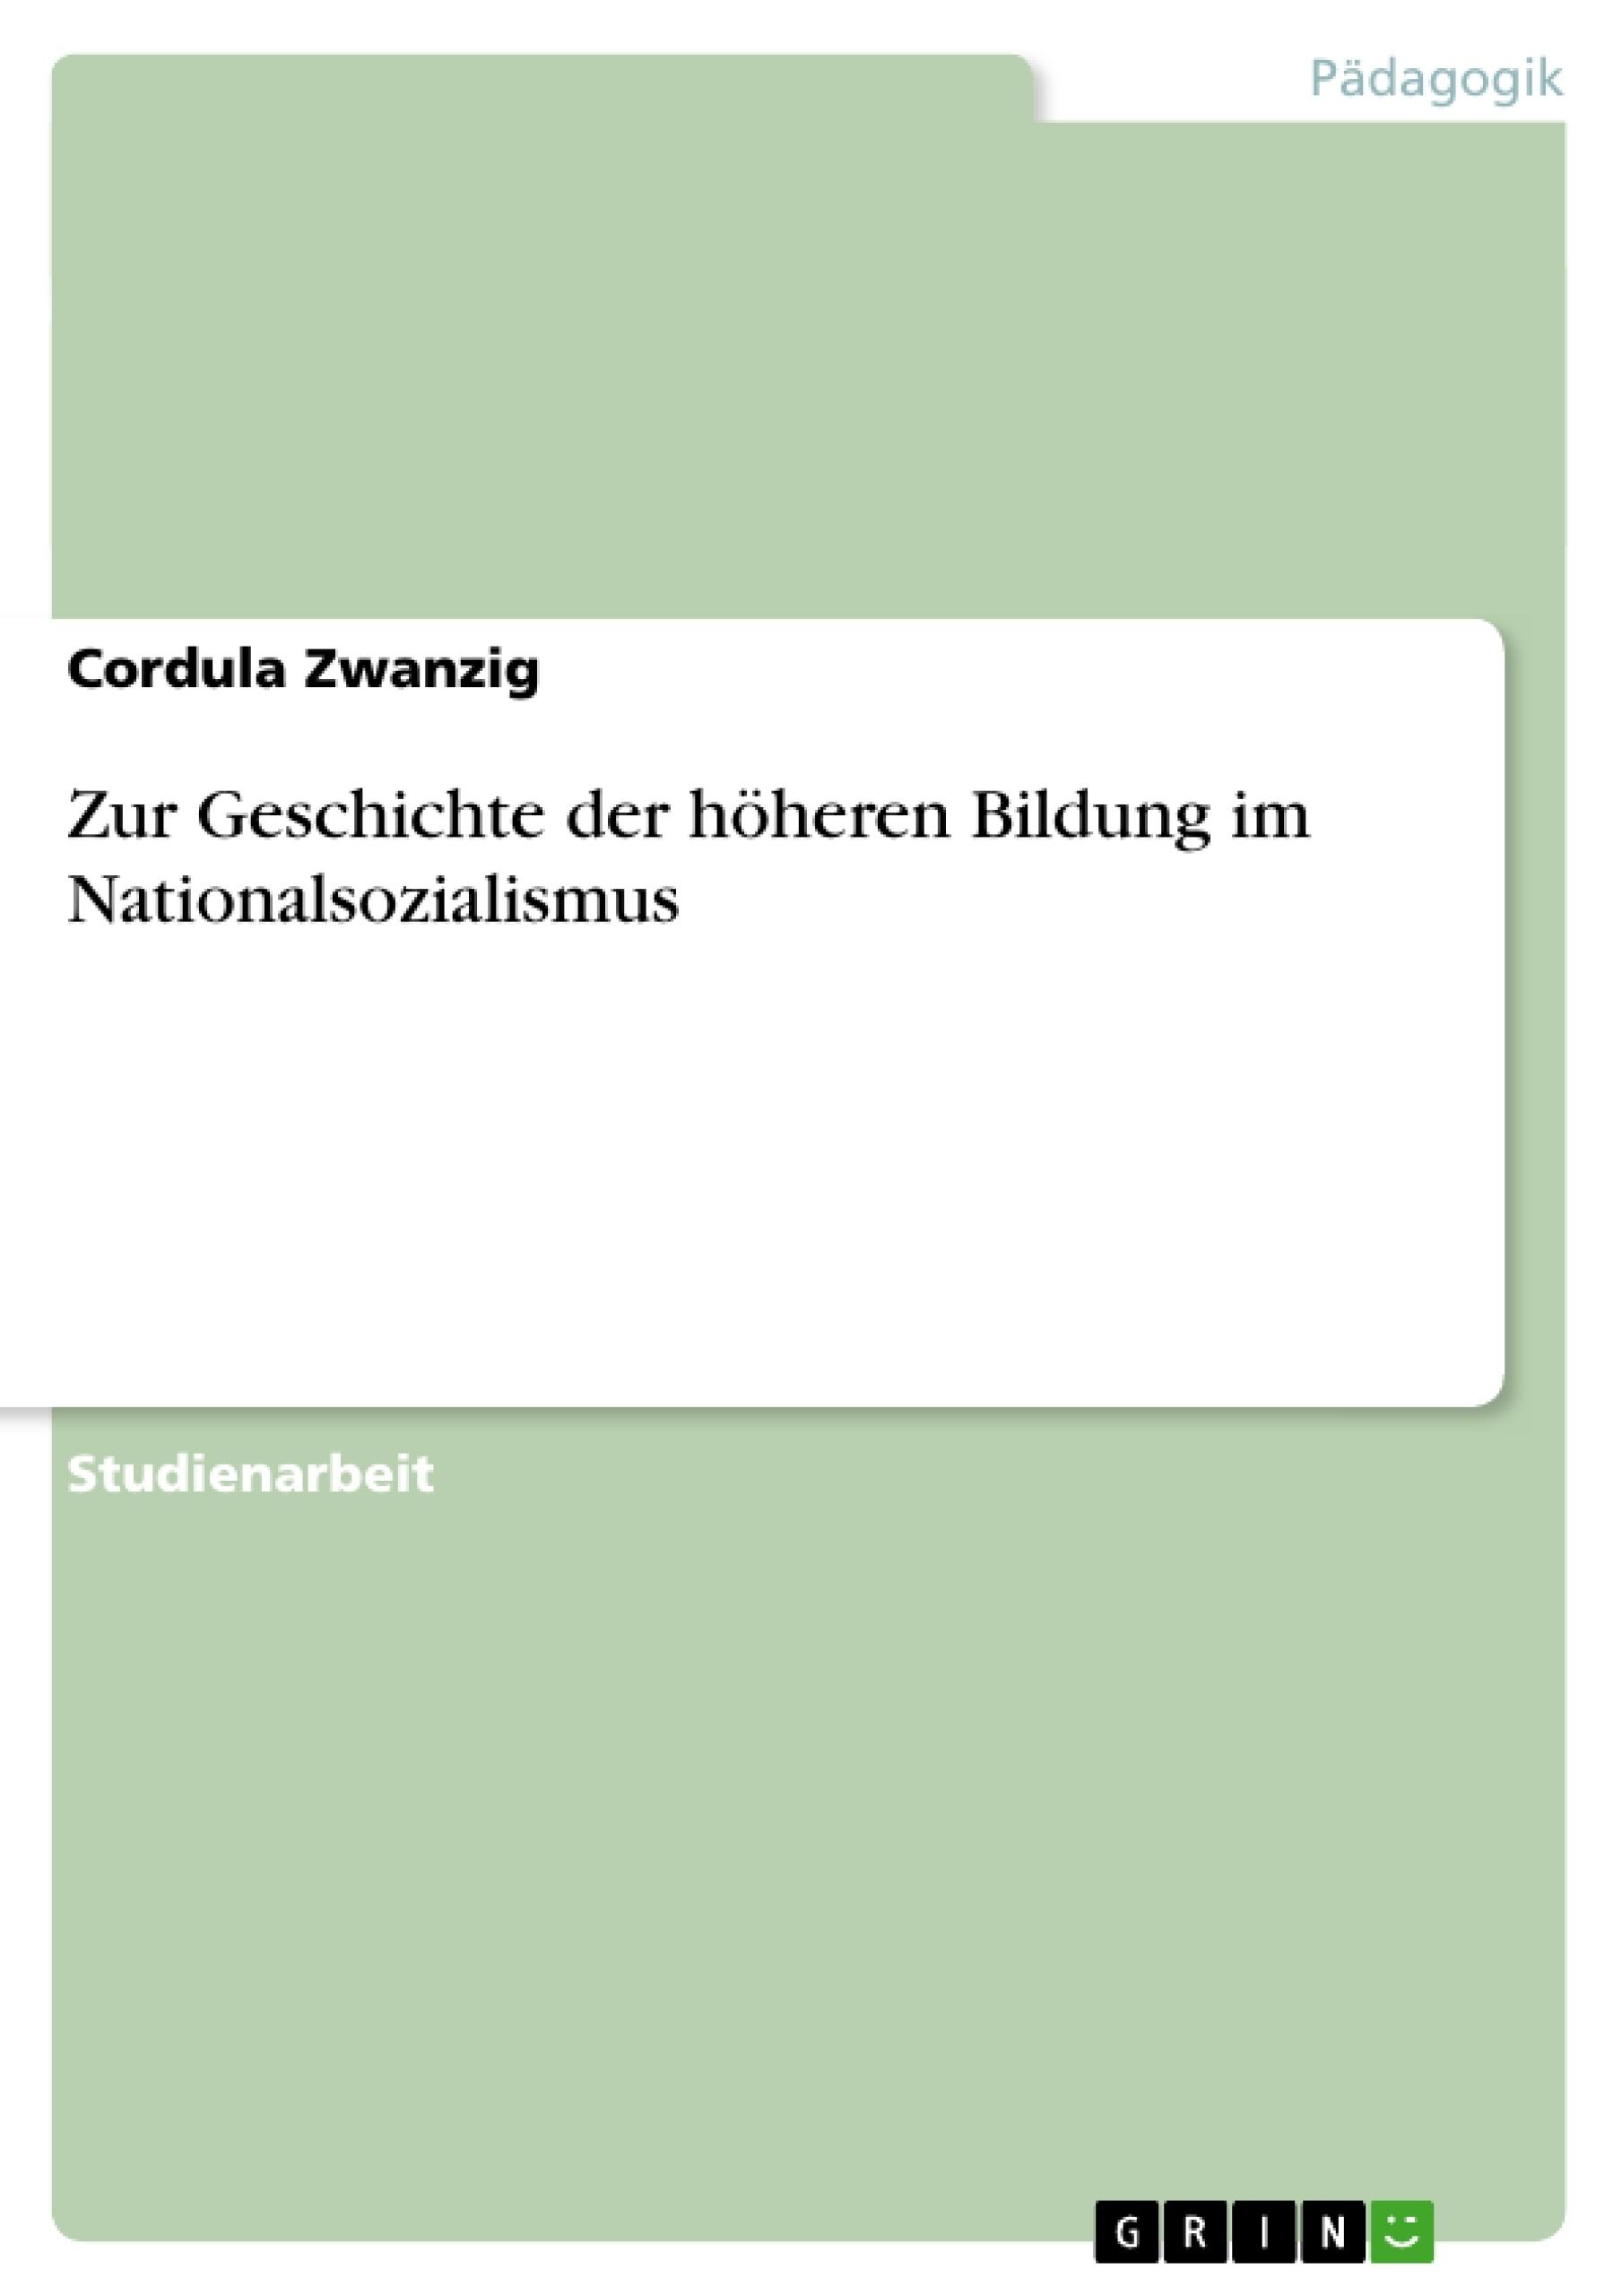 Titel: Zur Geschichte der höheren Bildung im Nationalsozialismus